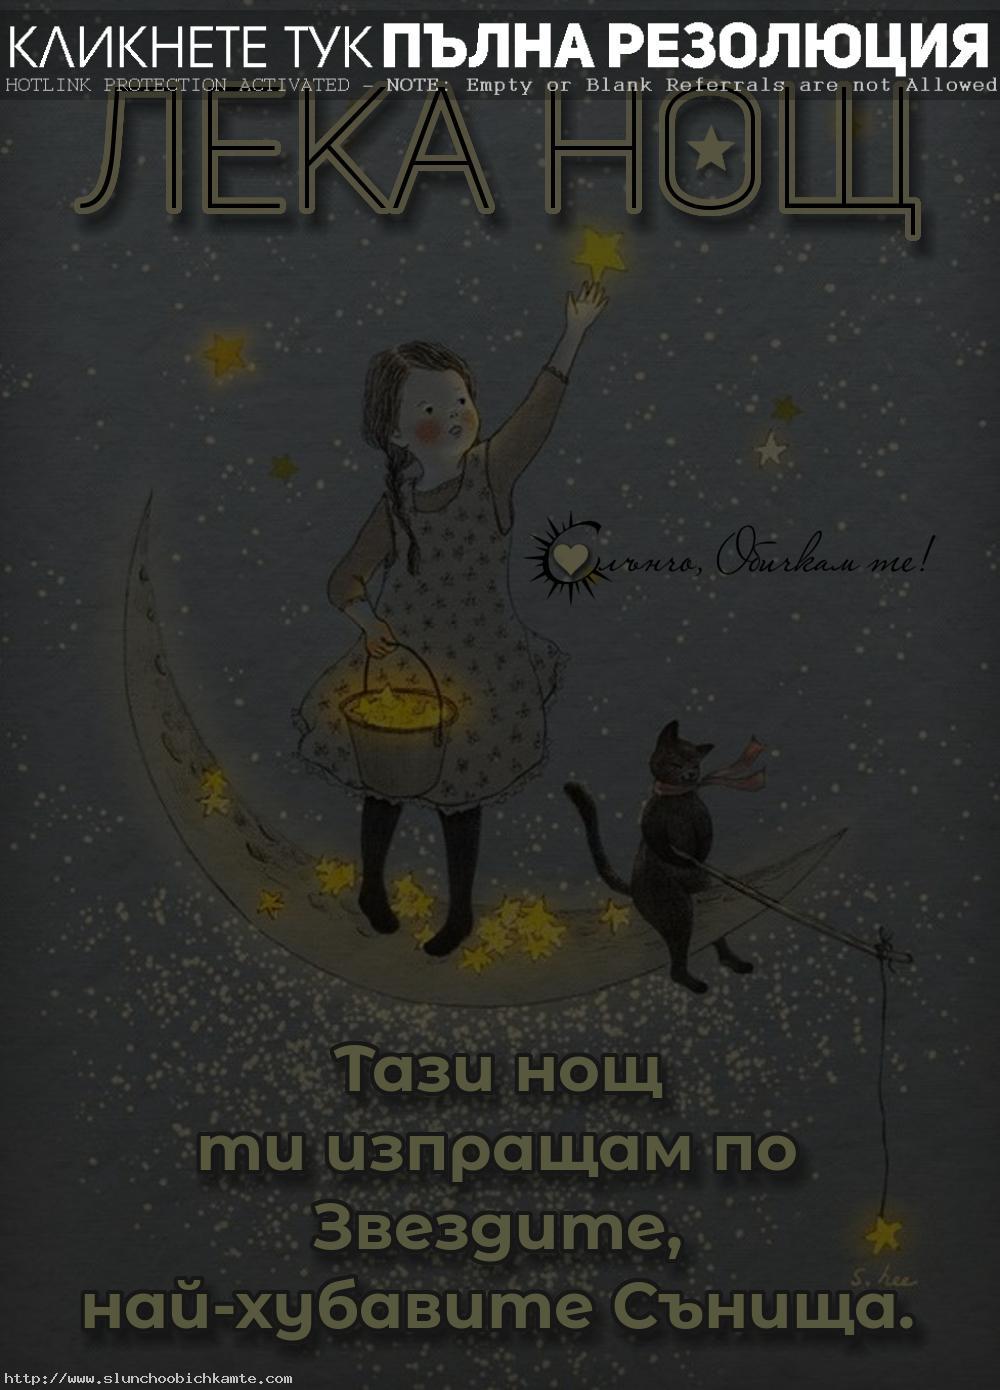 Тази нощ ти изпращам по звездите, най-хубавите сънища. Лека Нощ - лека нощ, сладки сънища, хубави сънища, приятни сънища, спокойни сънища, спокойна нощ, звезди, пожелания за лека нощ